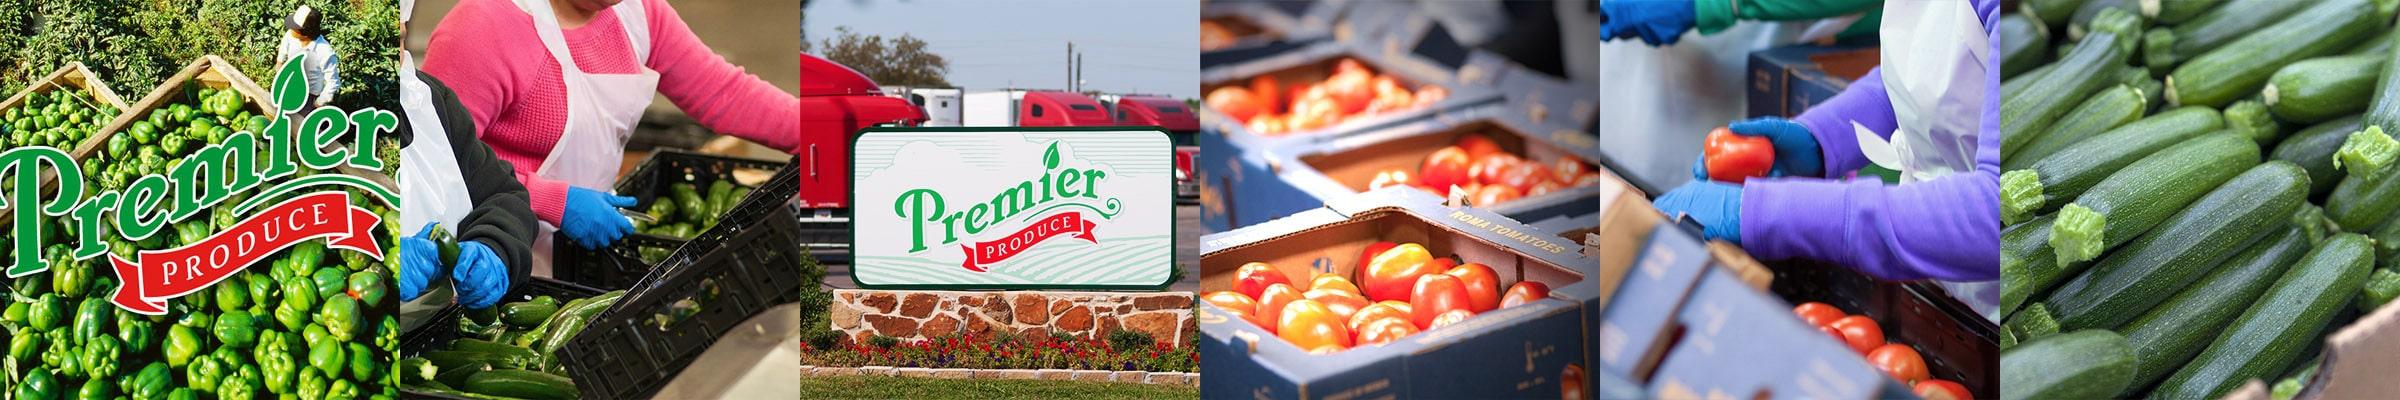 Premier Produce image